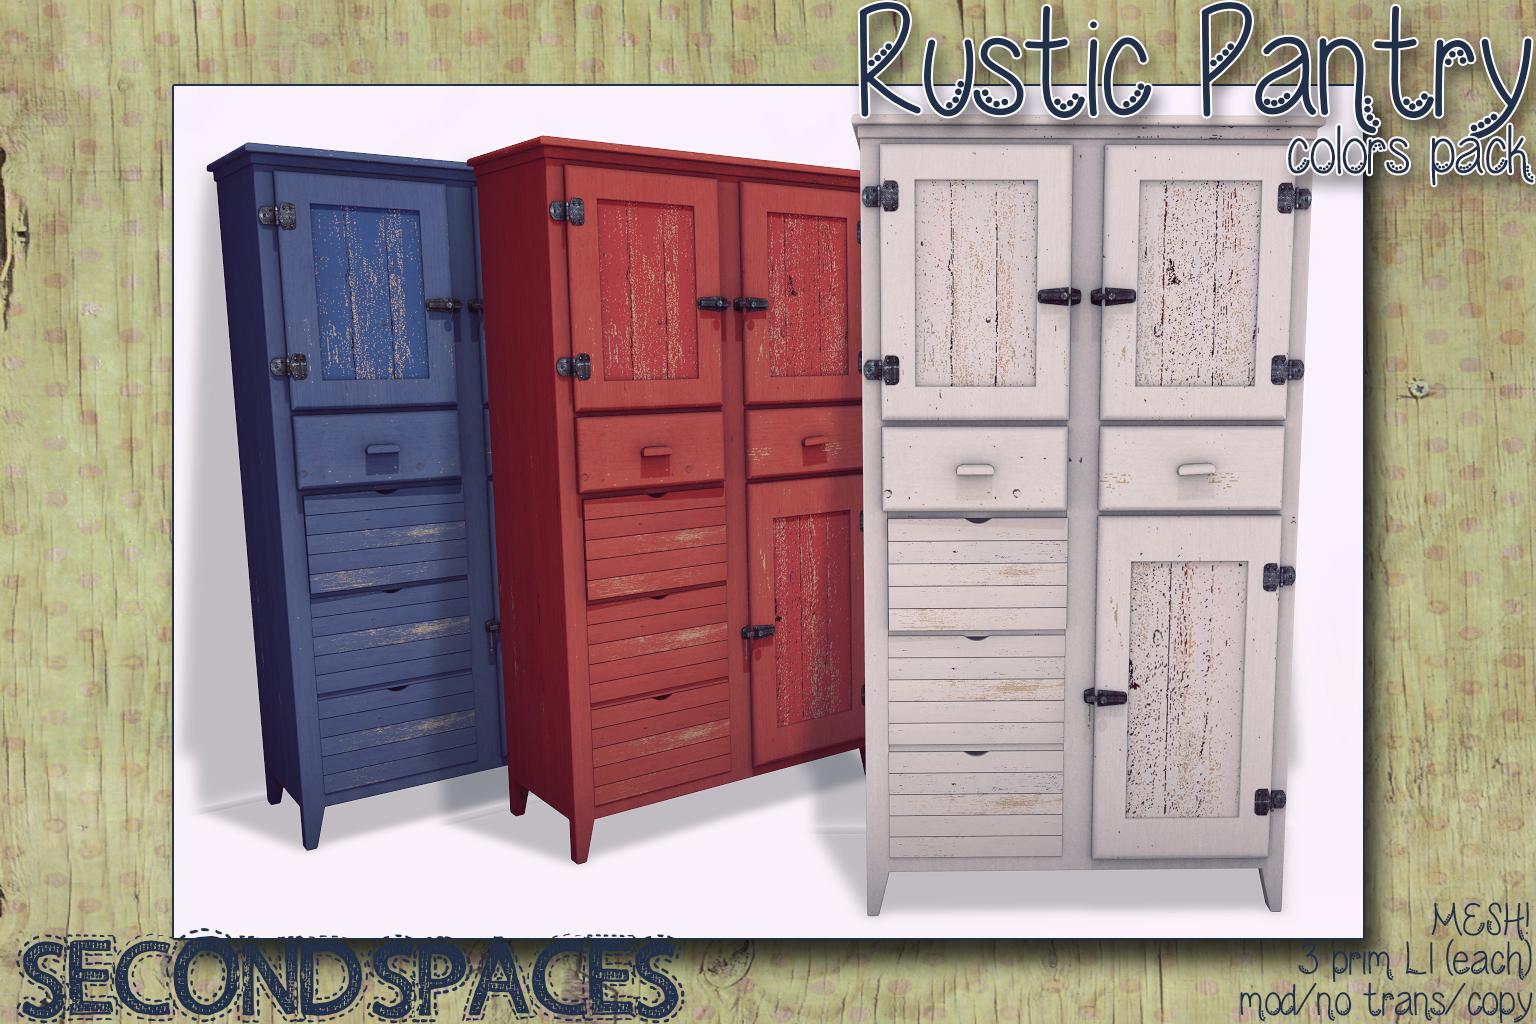 rustic pantry_colors_vendor.jpg